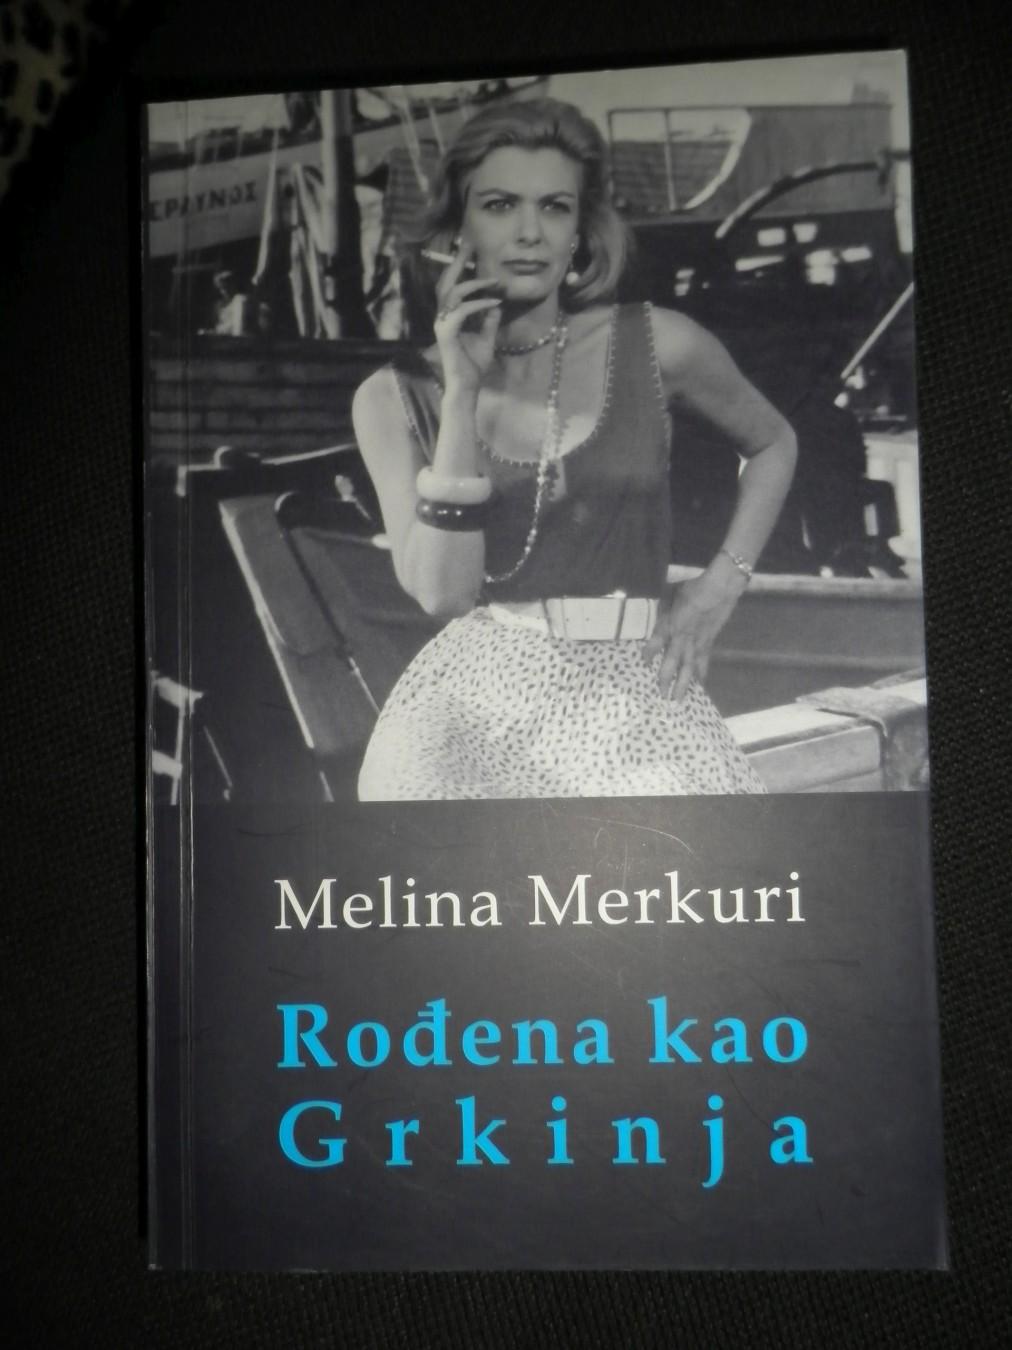 originalslika_LETNJA-RASPRODAJA-Melina-Merkuri-Rodjena-kao-Grkinja-107085181